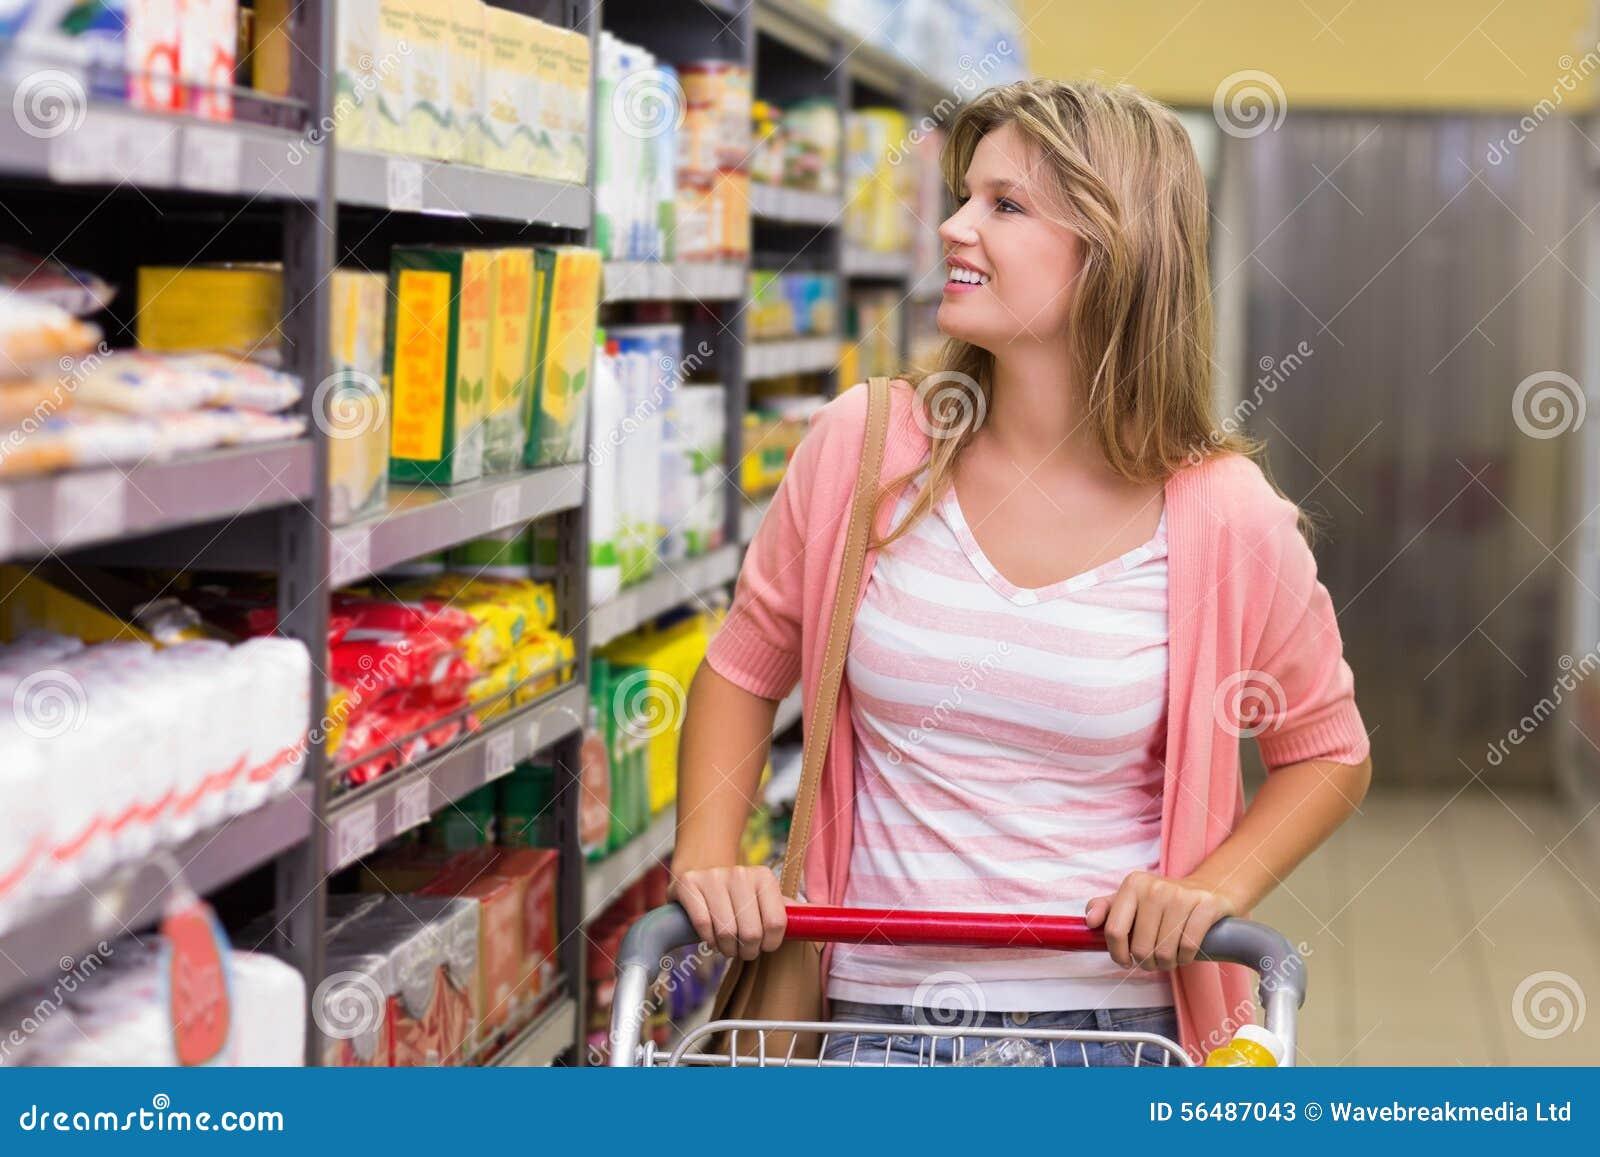 Sourire femme assez blonde regardant l étagère et achat produits